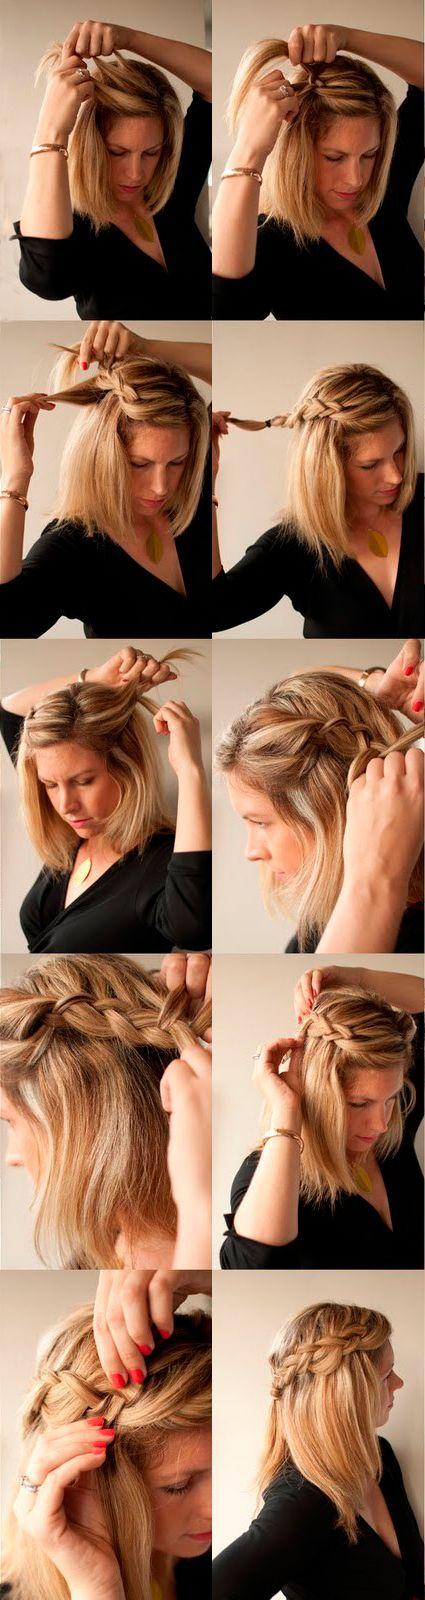 Легкие причёски на каждый день своими руками на средние волосы пошагово